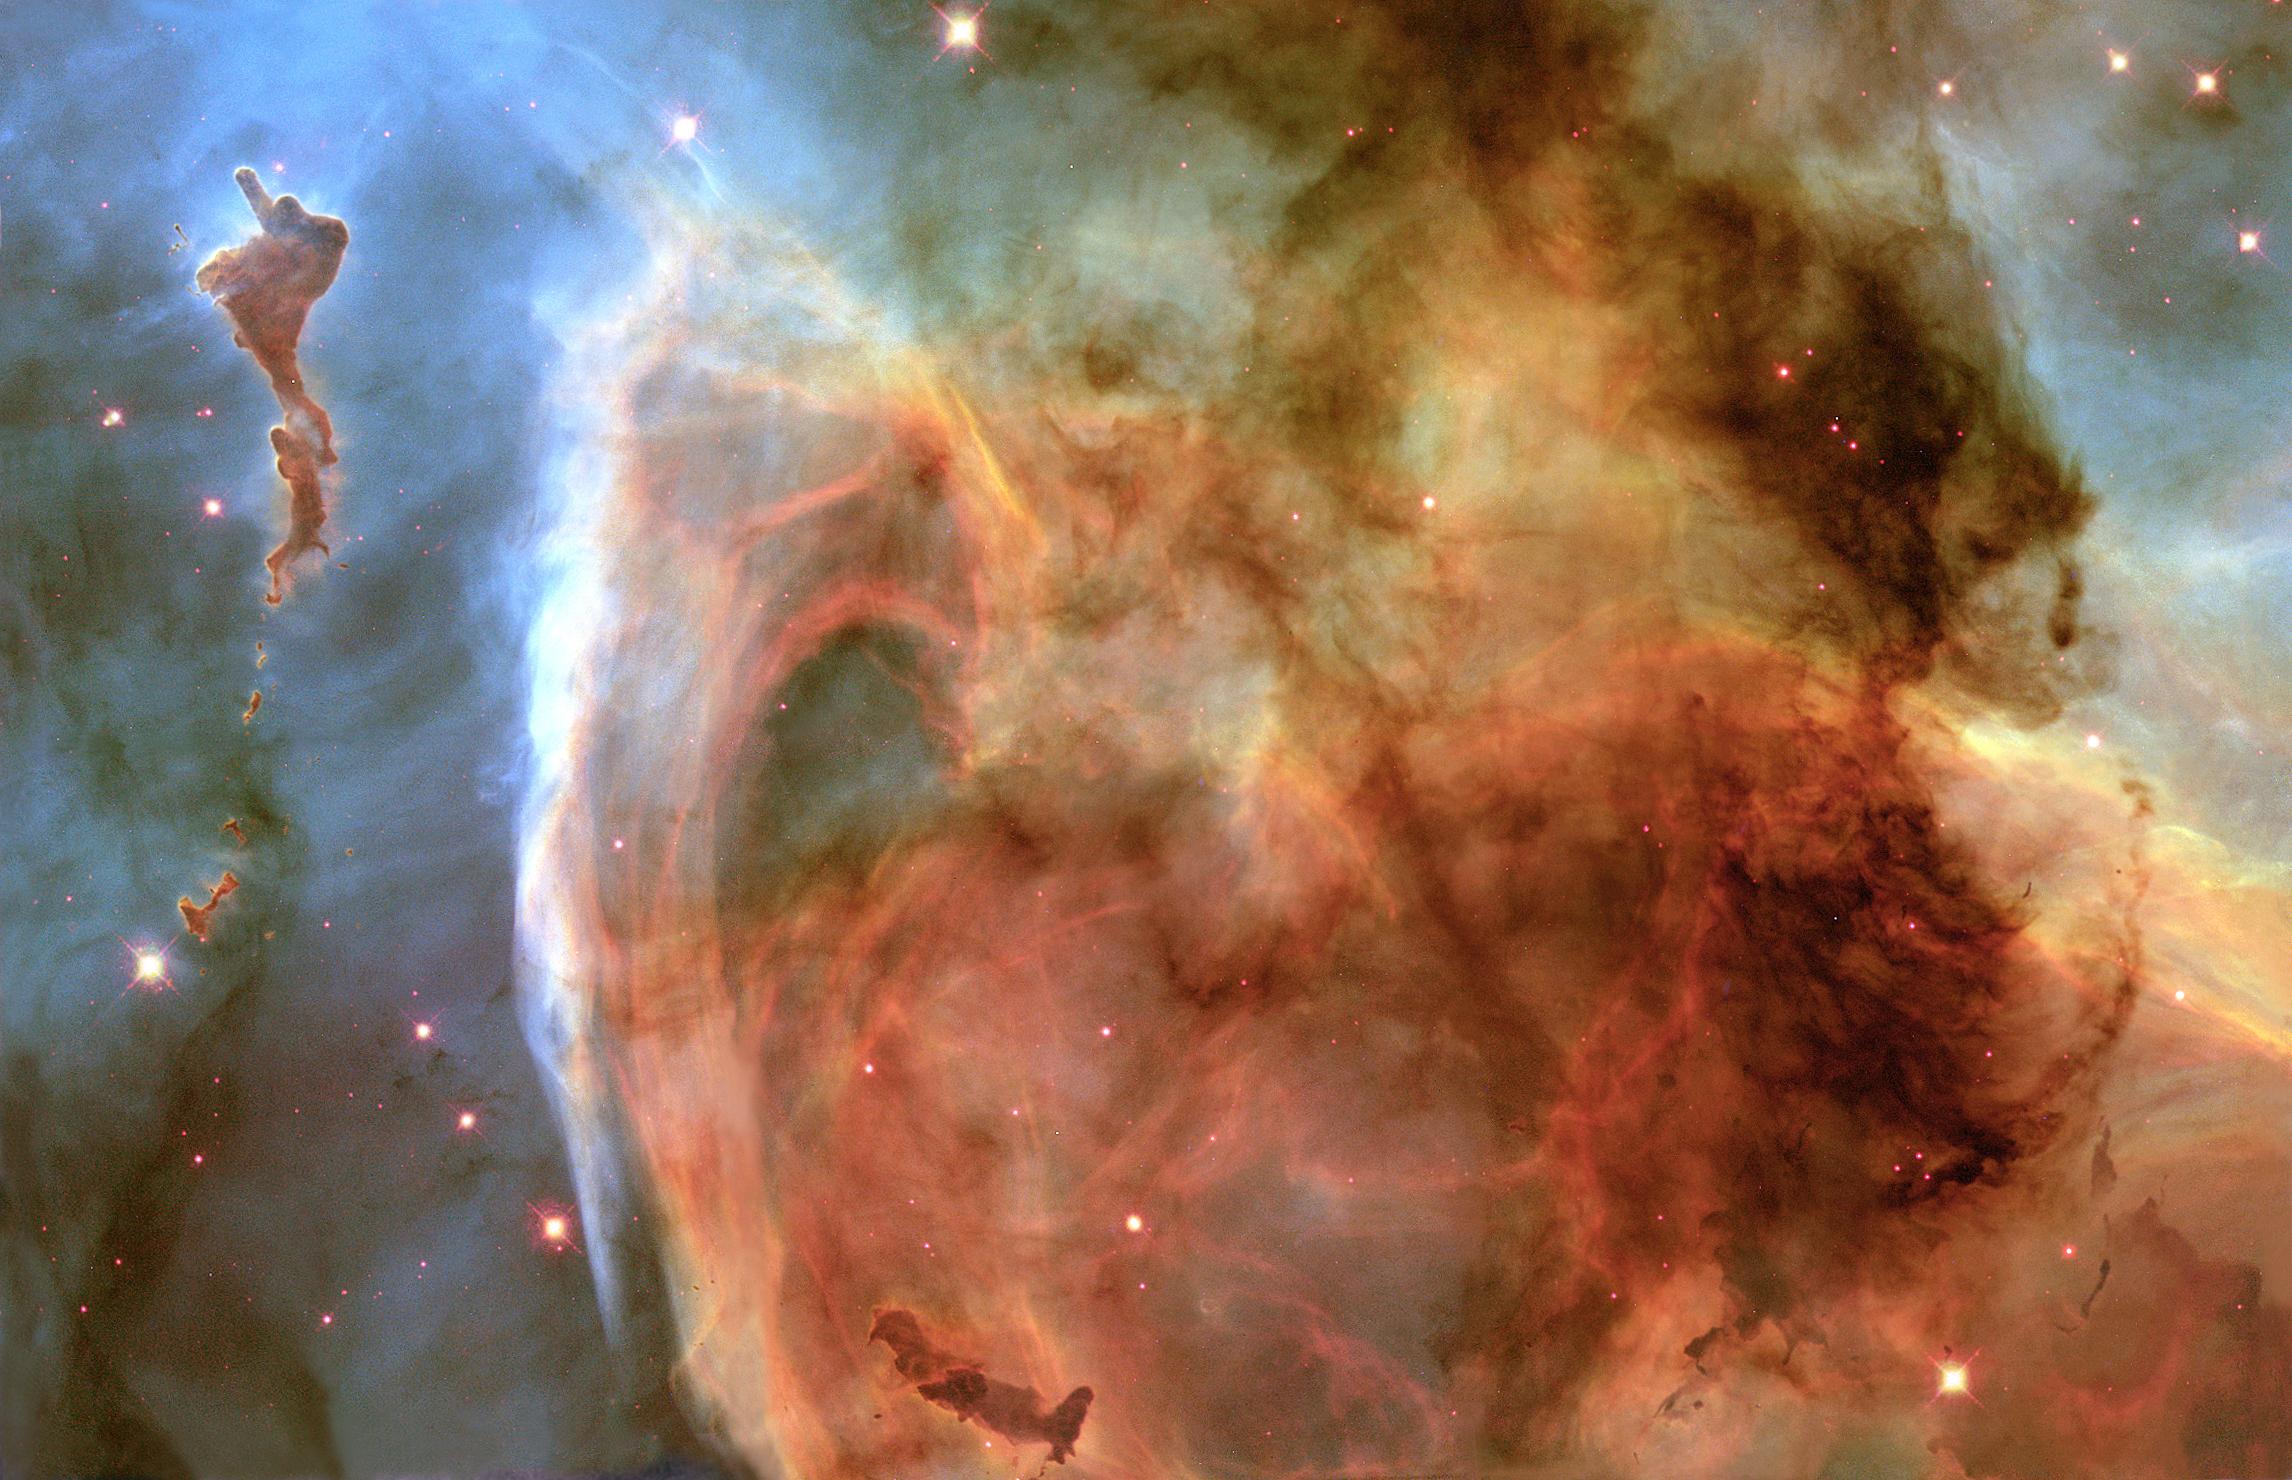 Zum Jubiläum des ersten bemannten Weltraumflugs: Wohin geht es in Zukunft?